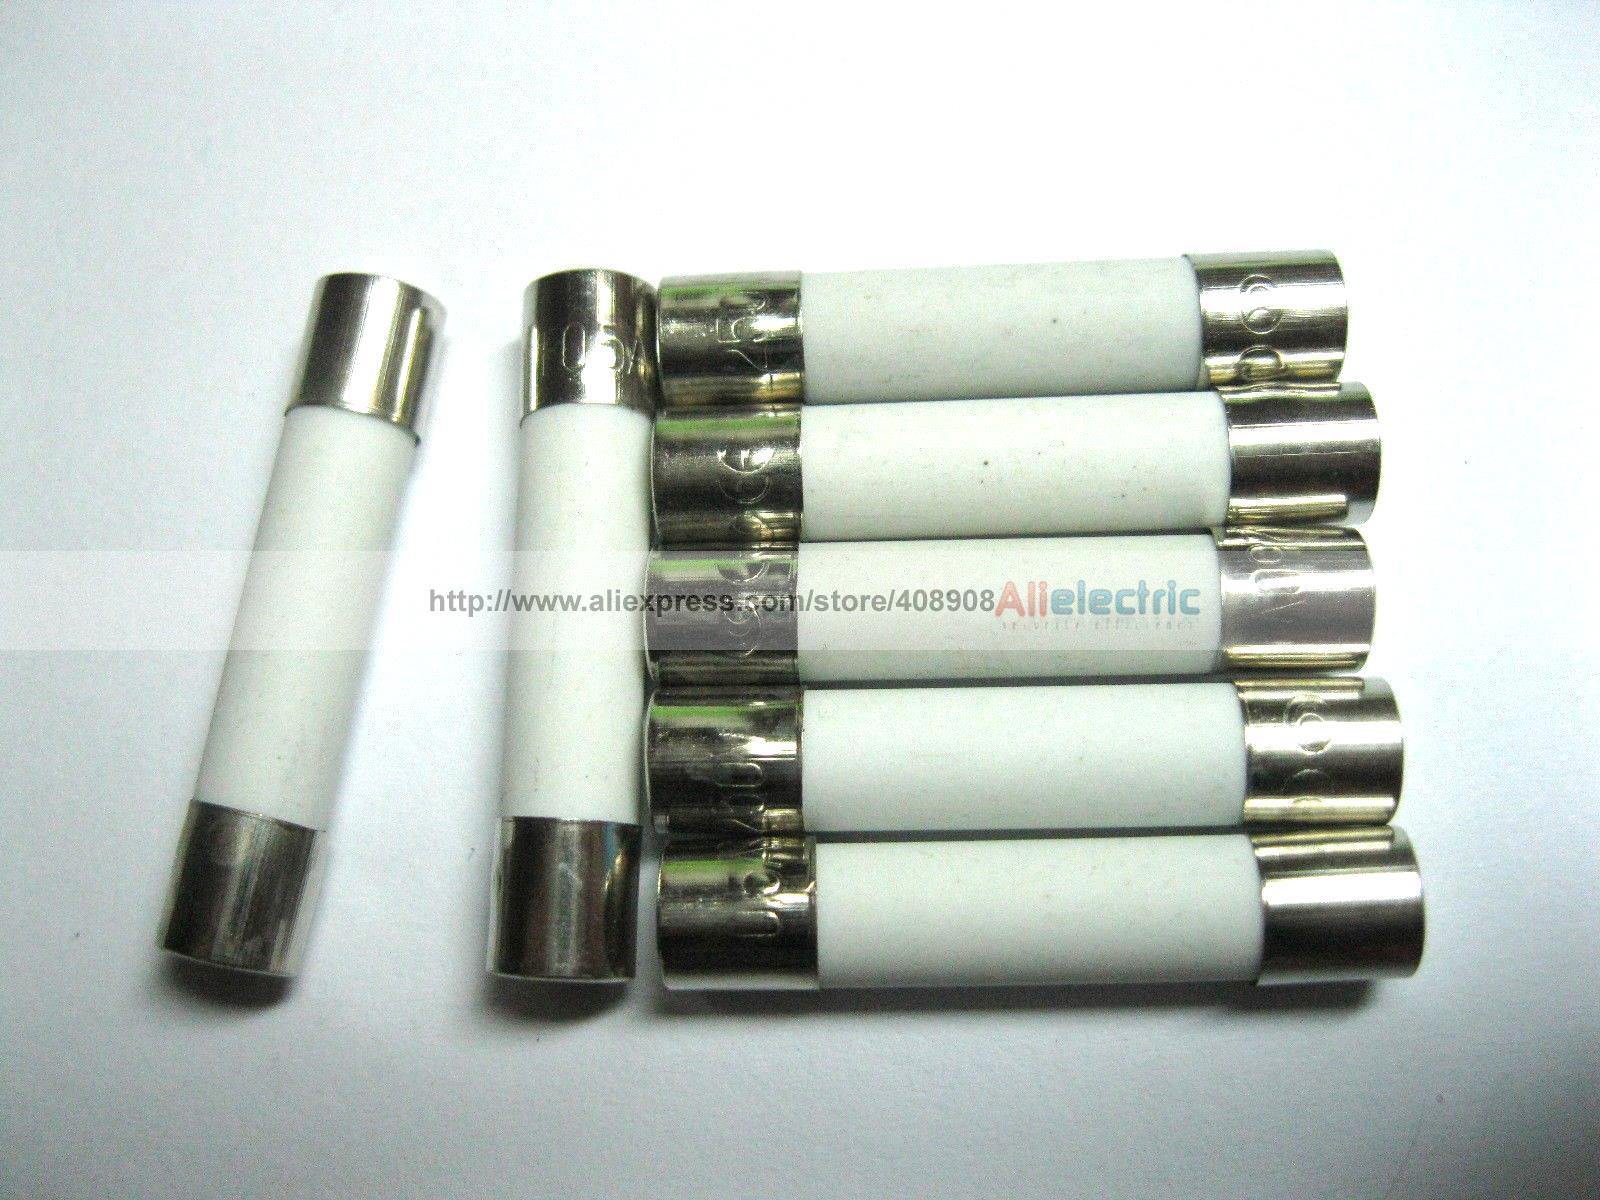 100 Pcs Fast Blow Ceramic Fuses 6 A 250V 6mm x 30mm цена